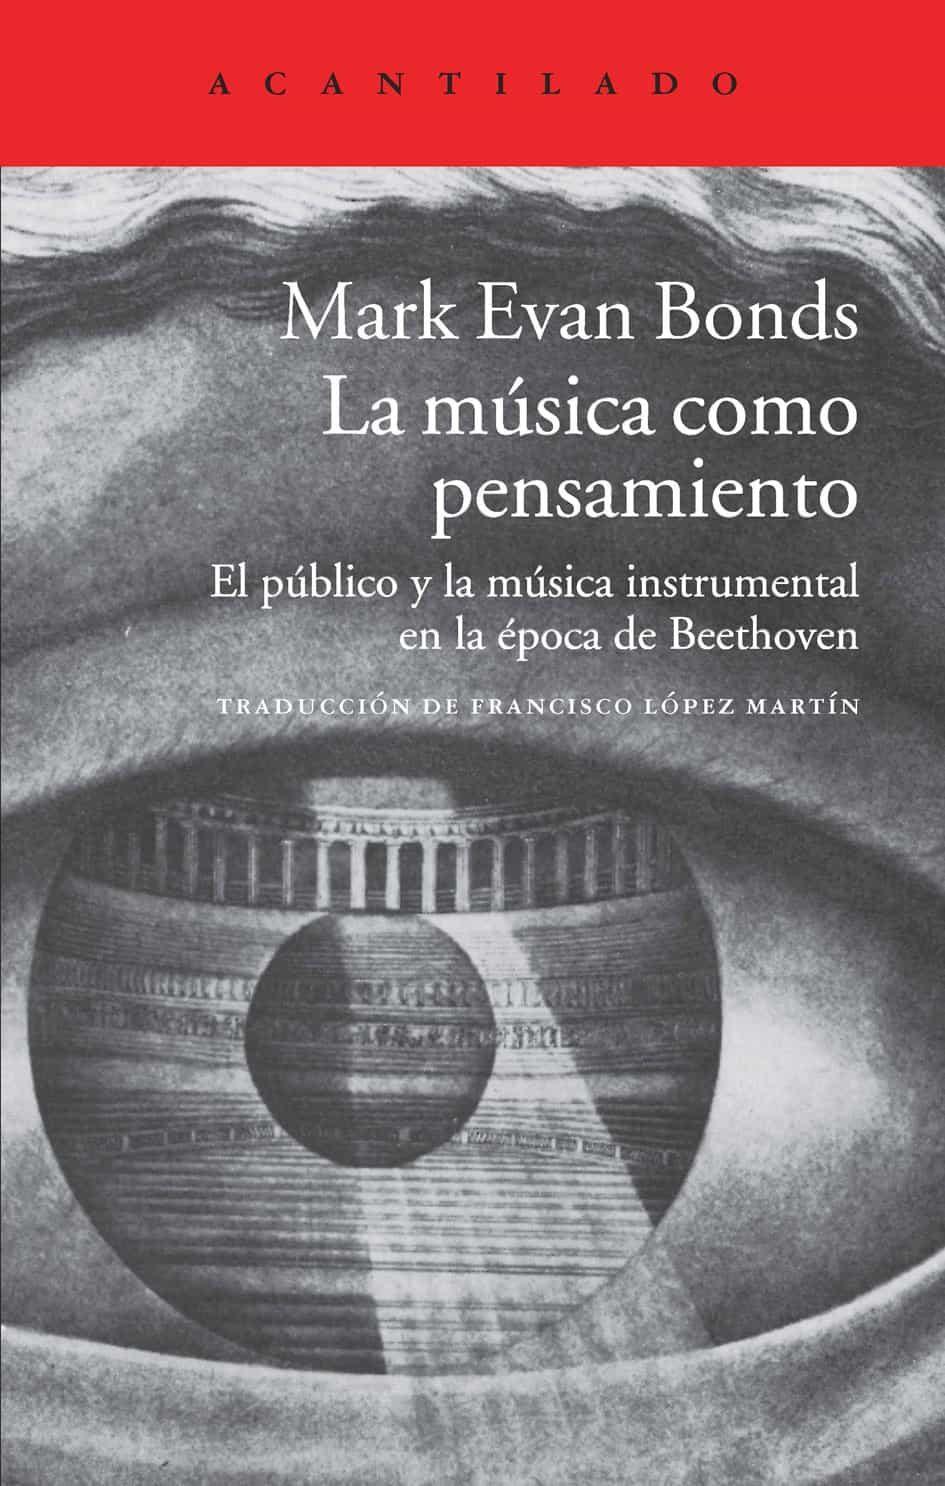 la musica como pensamiento-mark evan bonds-9788416011162